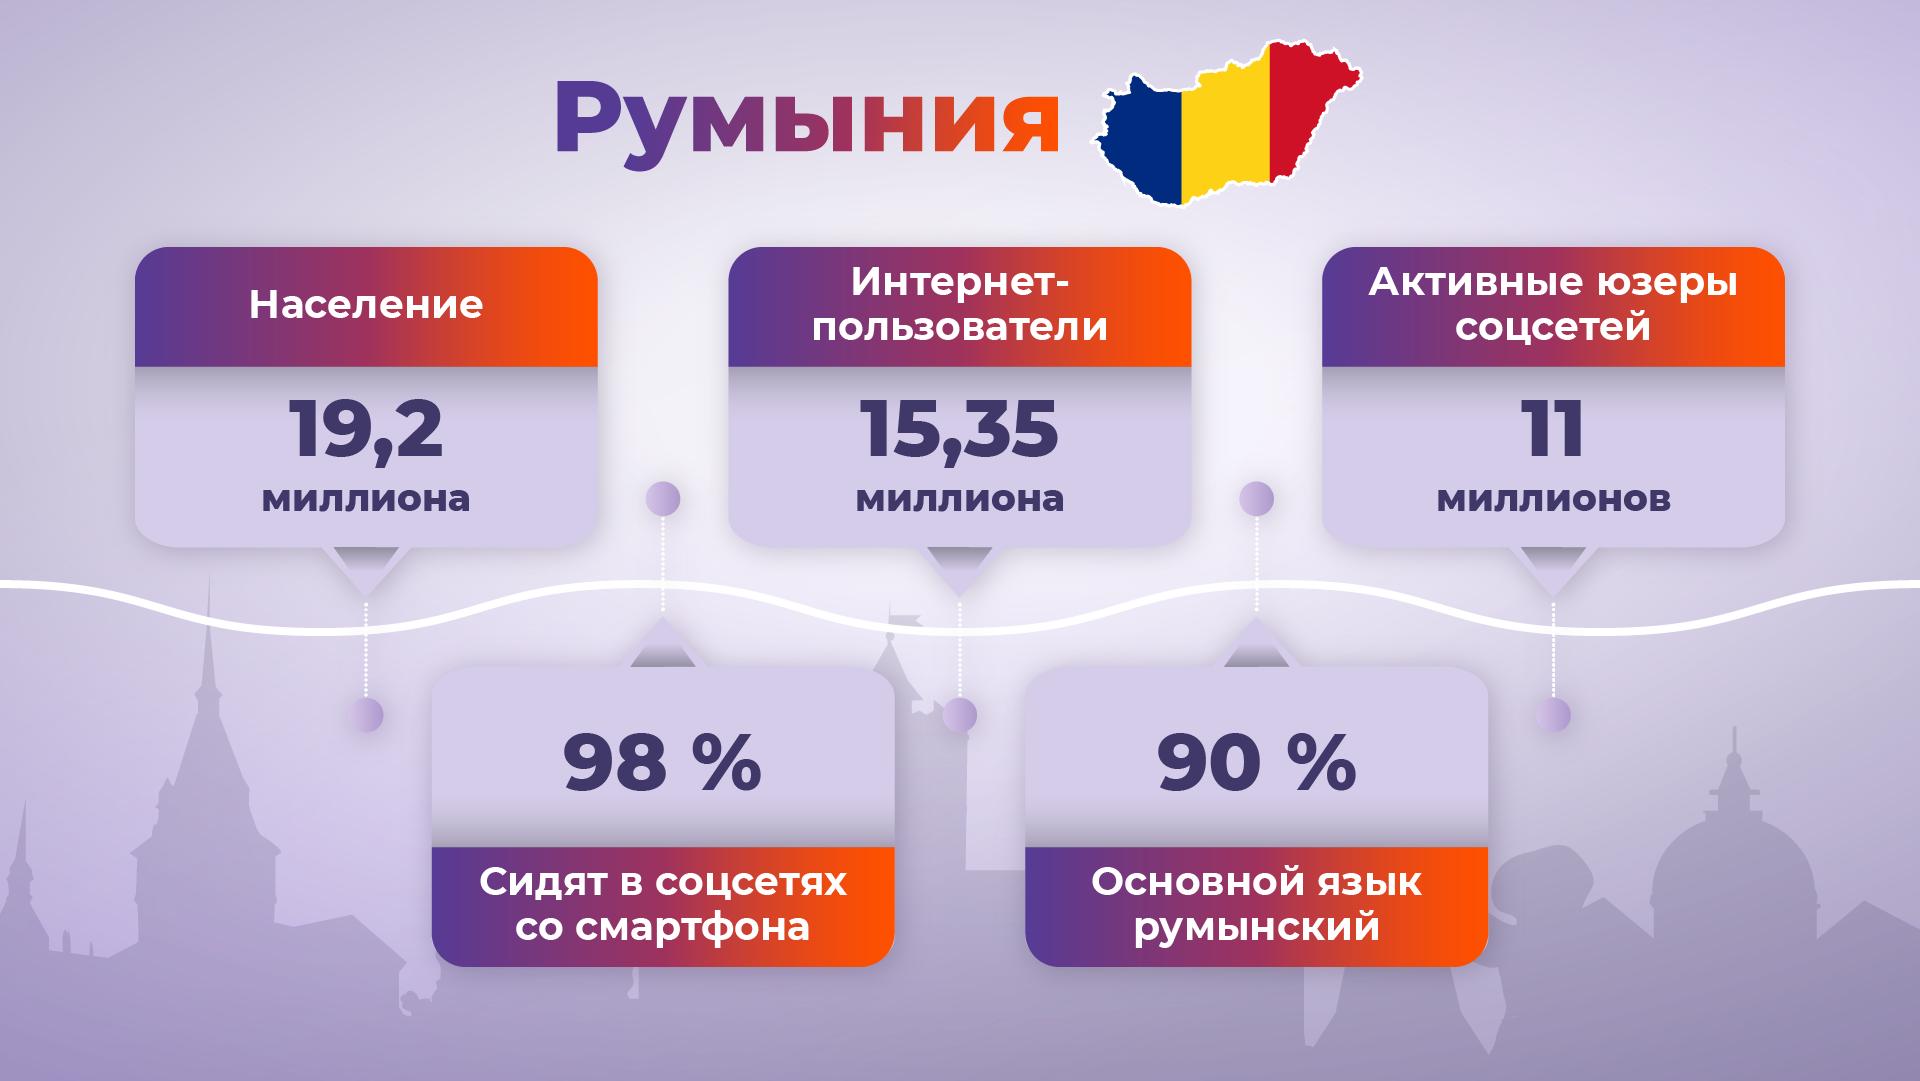 Румыния: особенности ГЕО и ЦА, топовые офферы и конвертящие крео